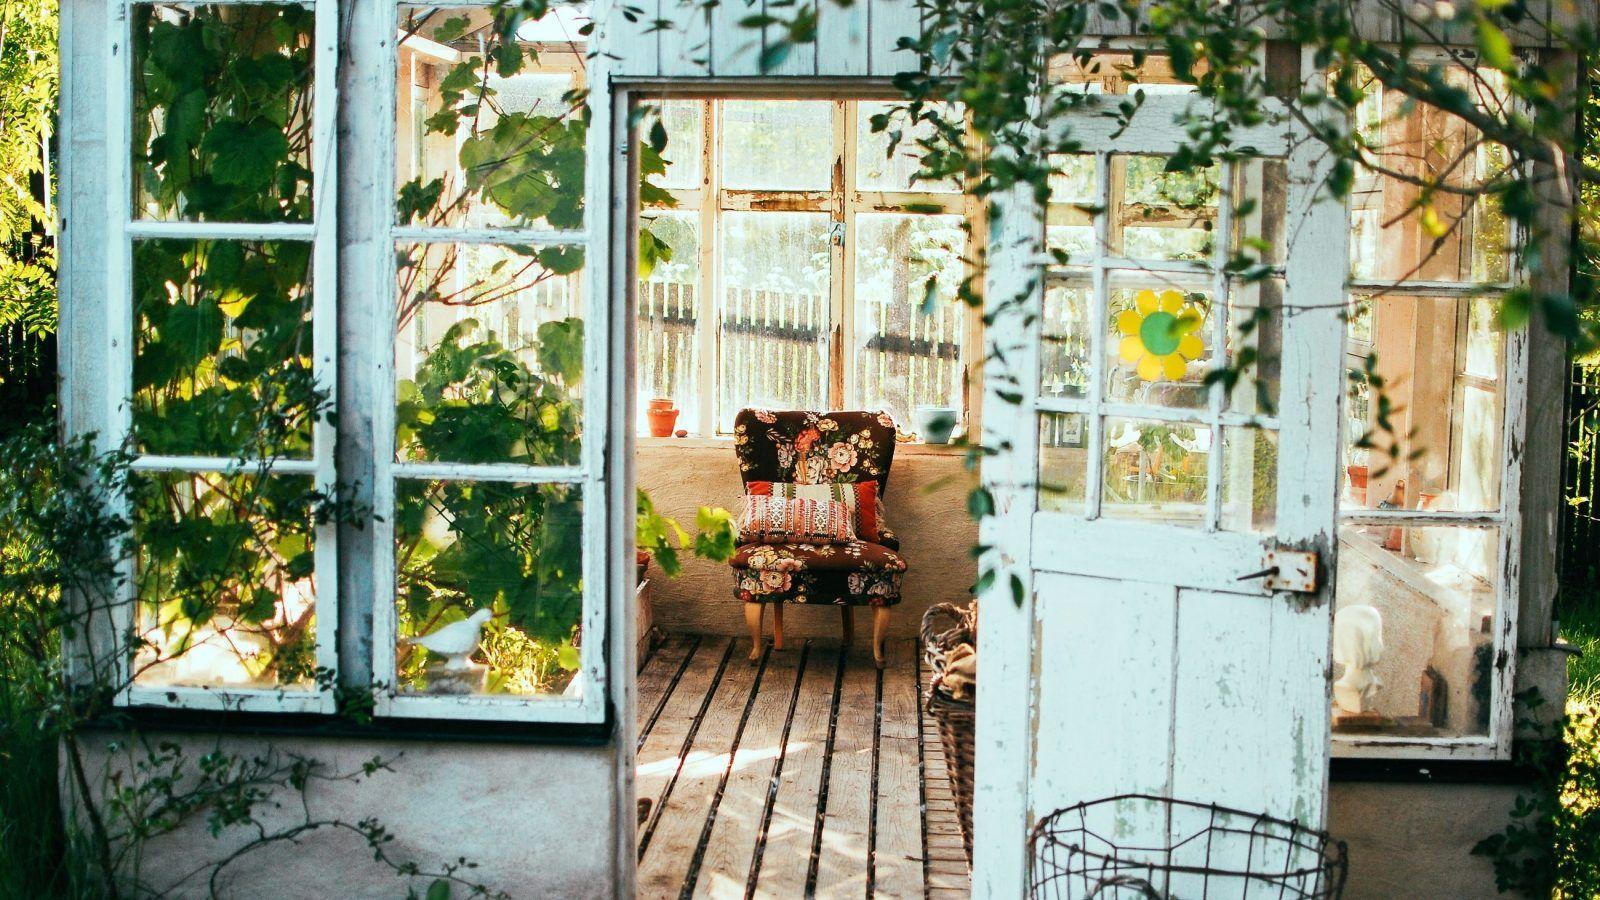 Feng Shui Tuin : Feng shui voor tuin en balkon: hoe pak je dat aan? holistik